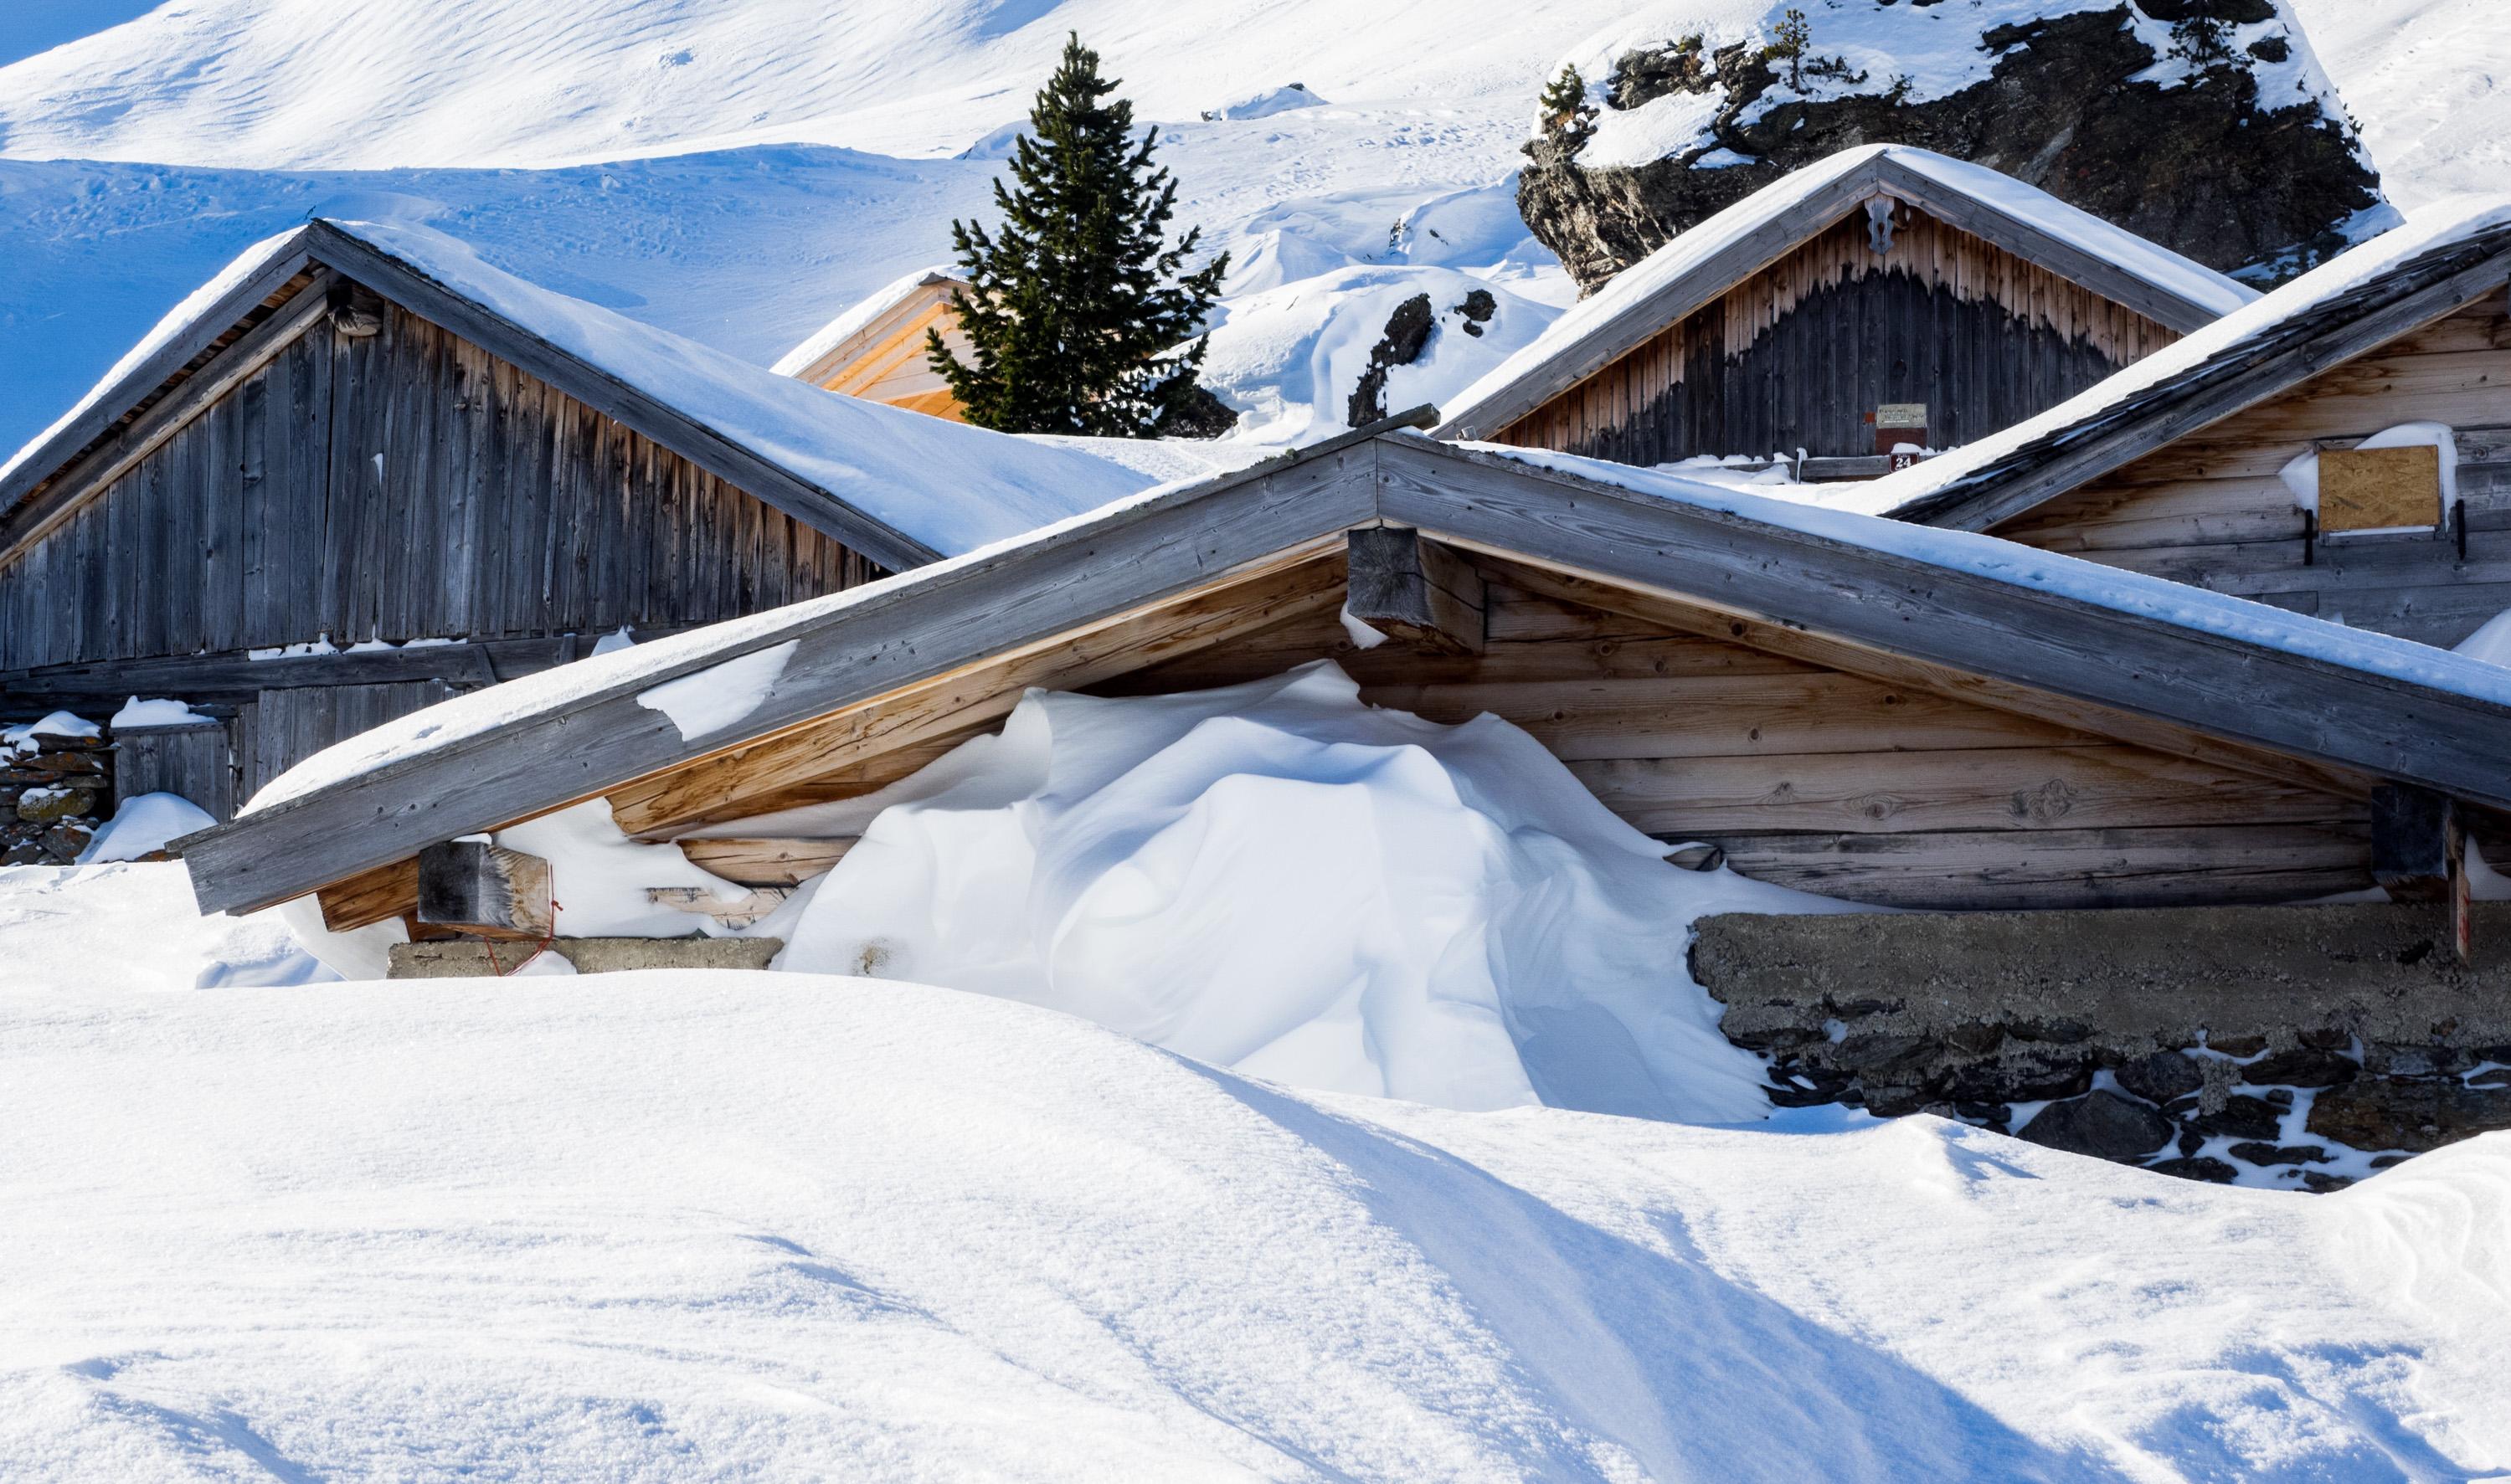 Hütten der Steinkasern-Alm im Winter